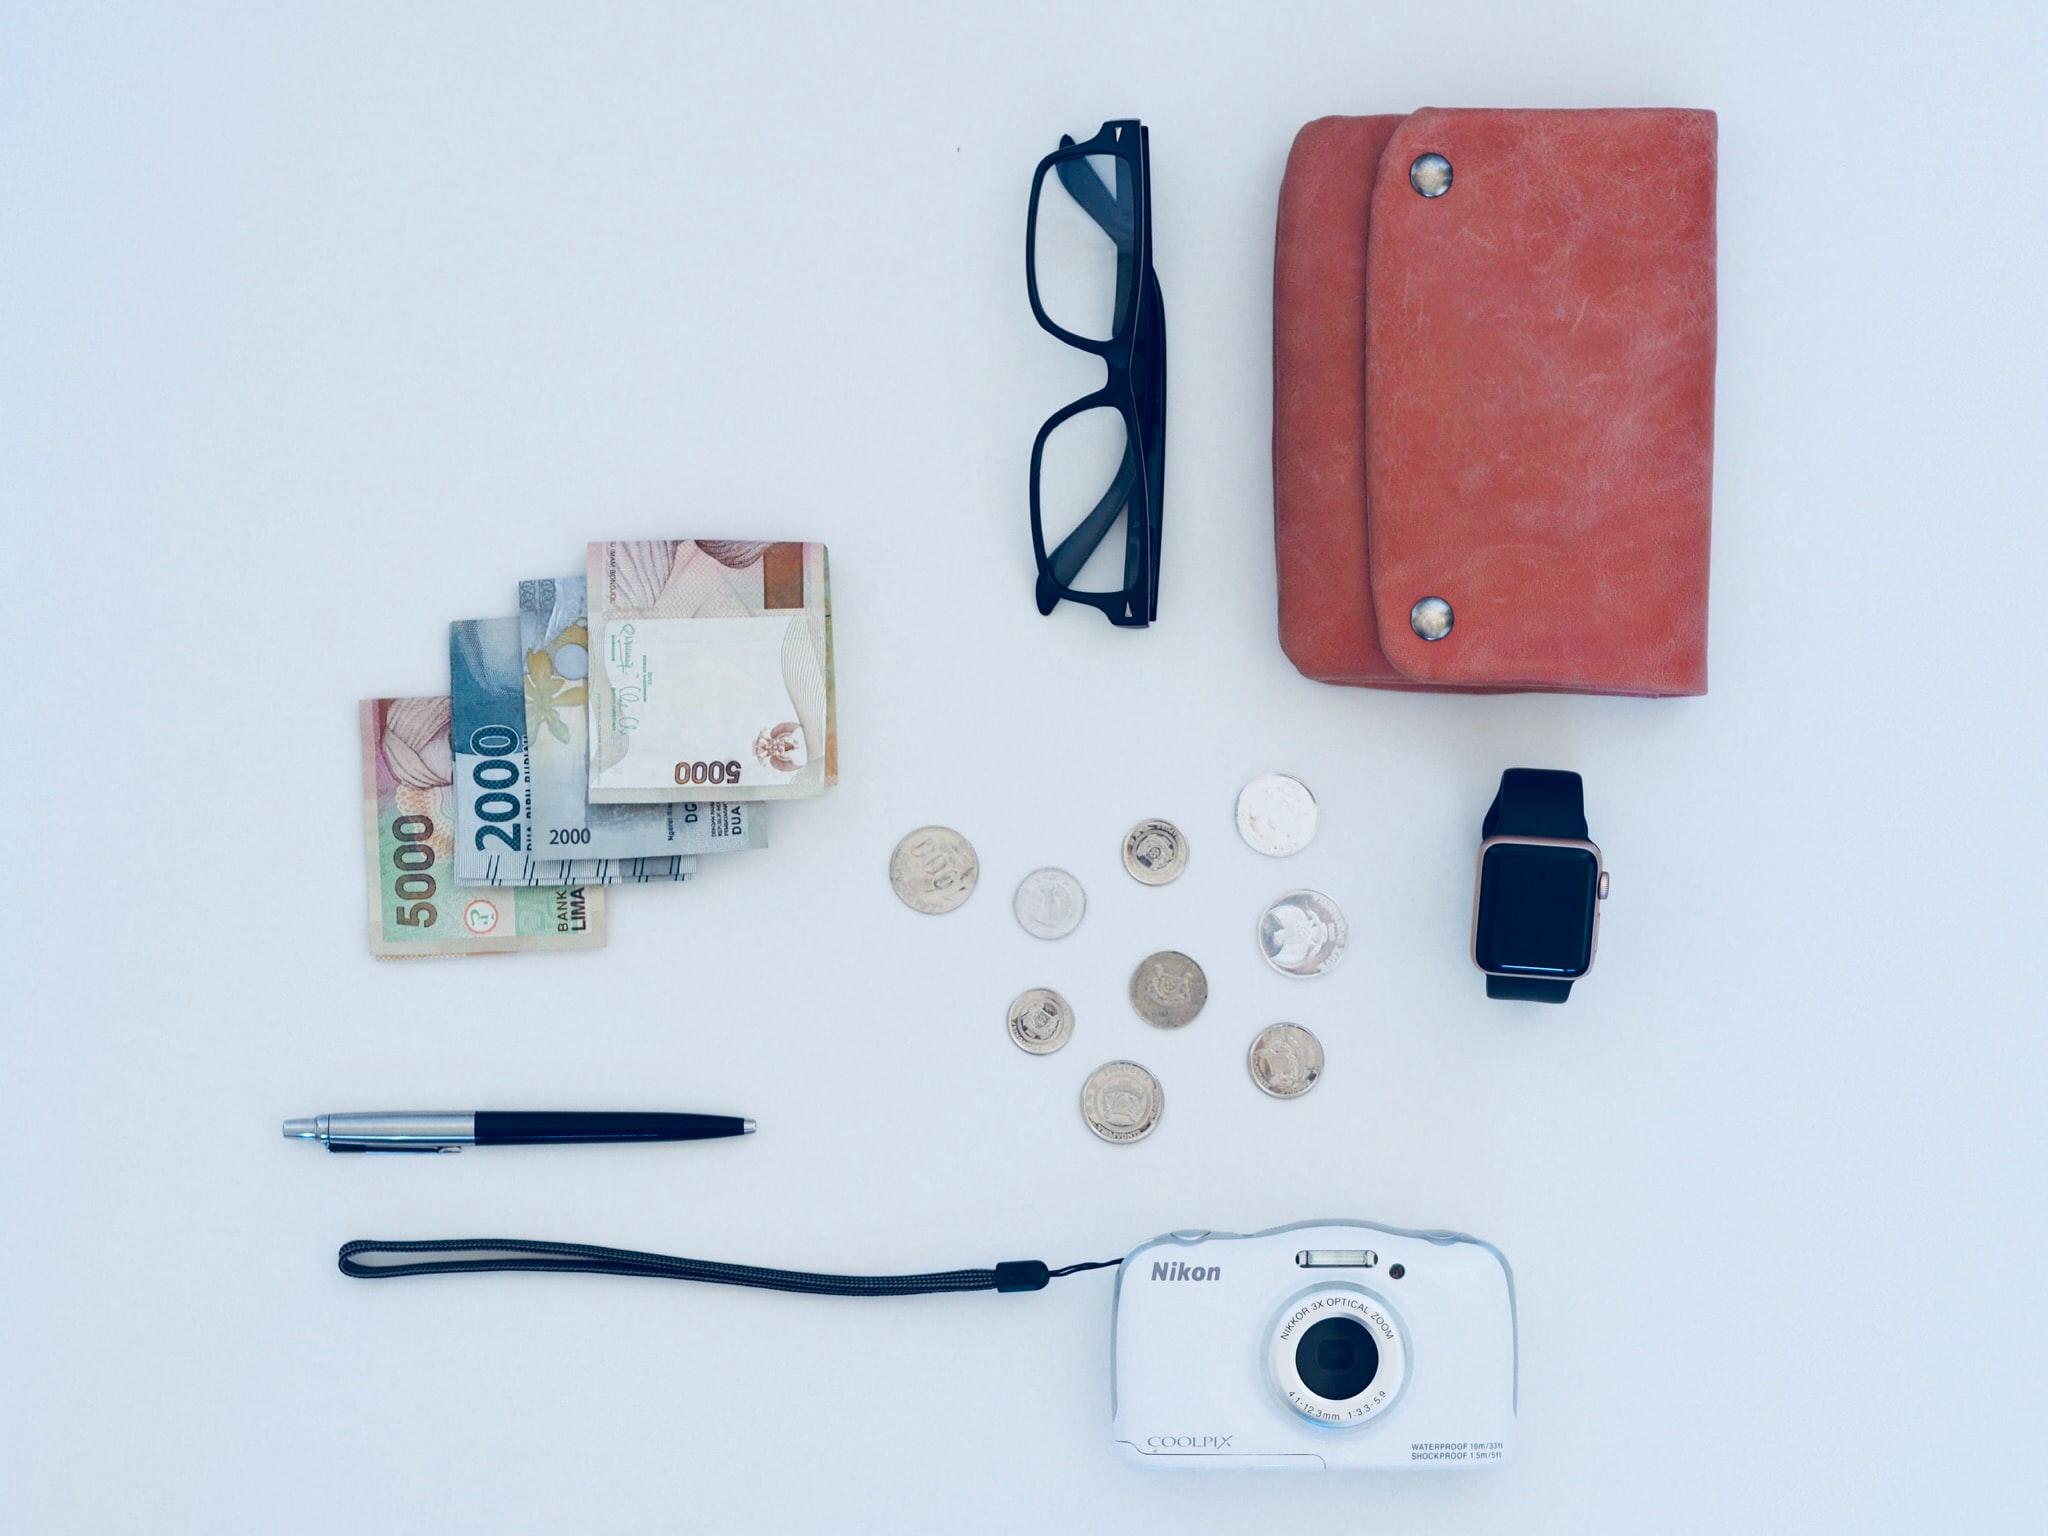 お財布やメガネ、カメラなどの持ち物